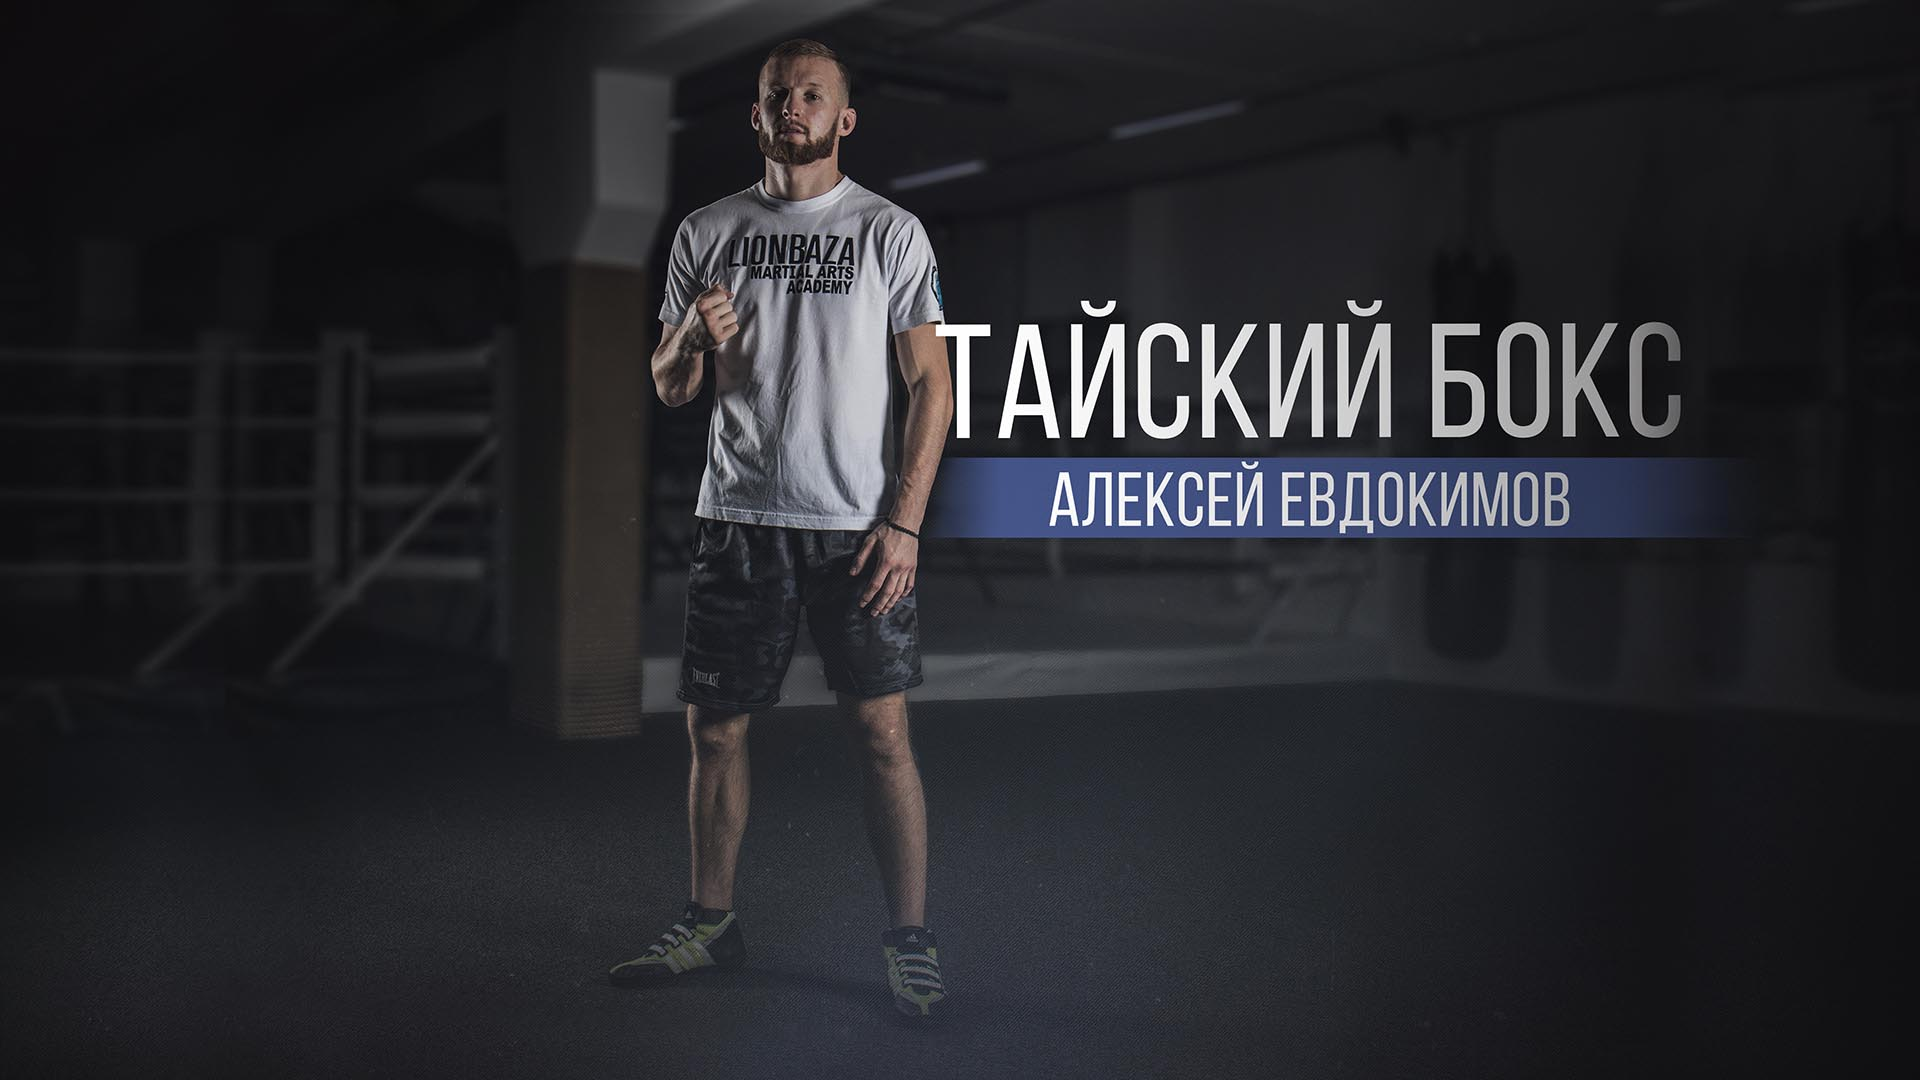 Тайский Бокс (Евдокимов) GmGym клуб единоборств на Белорусской в Москве